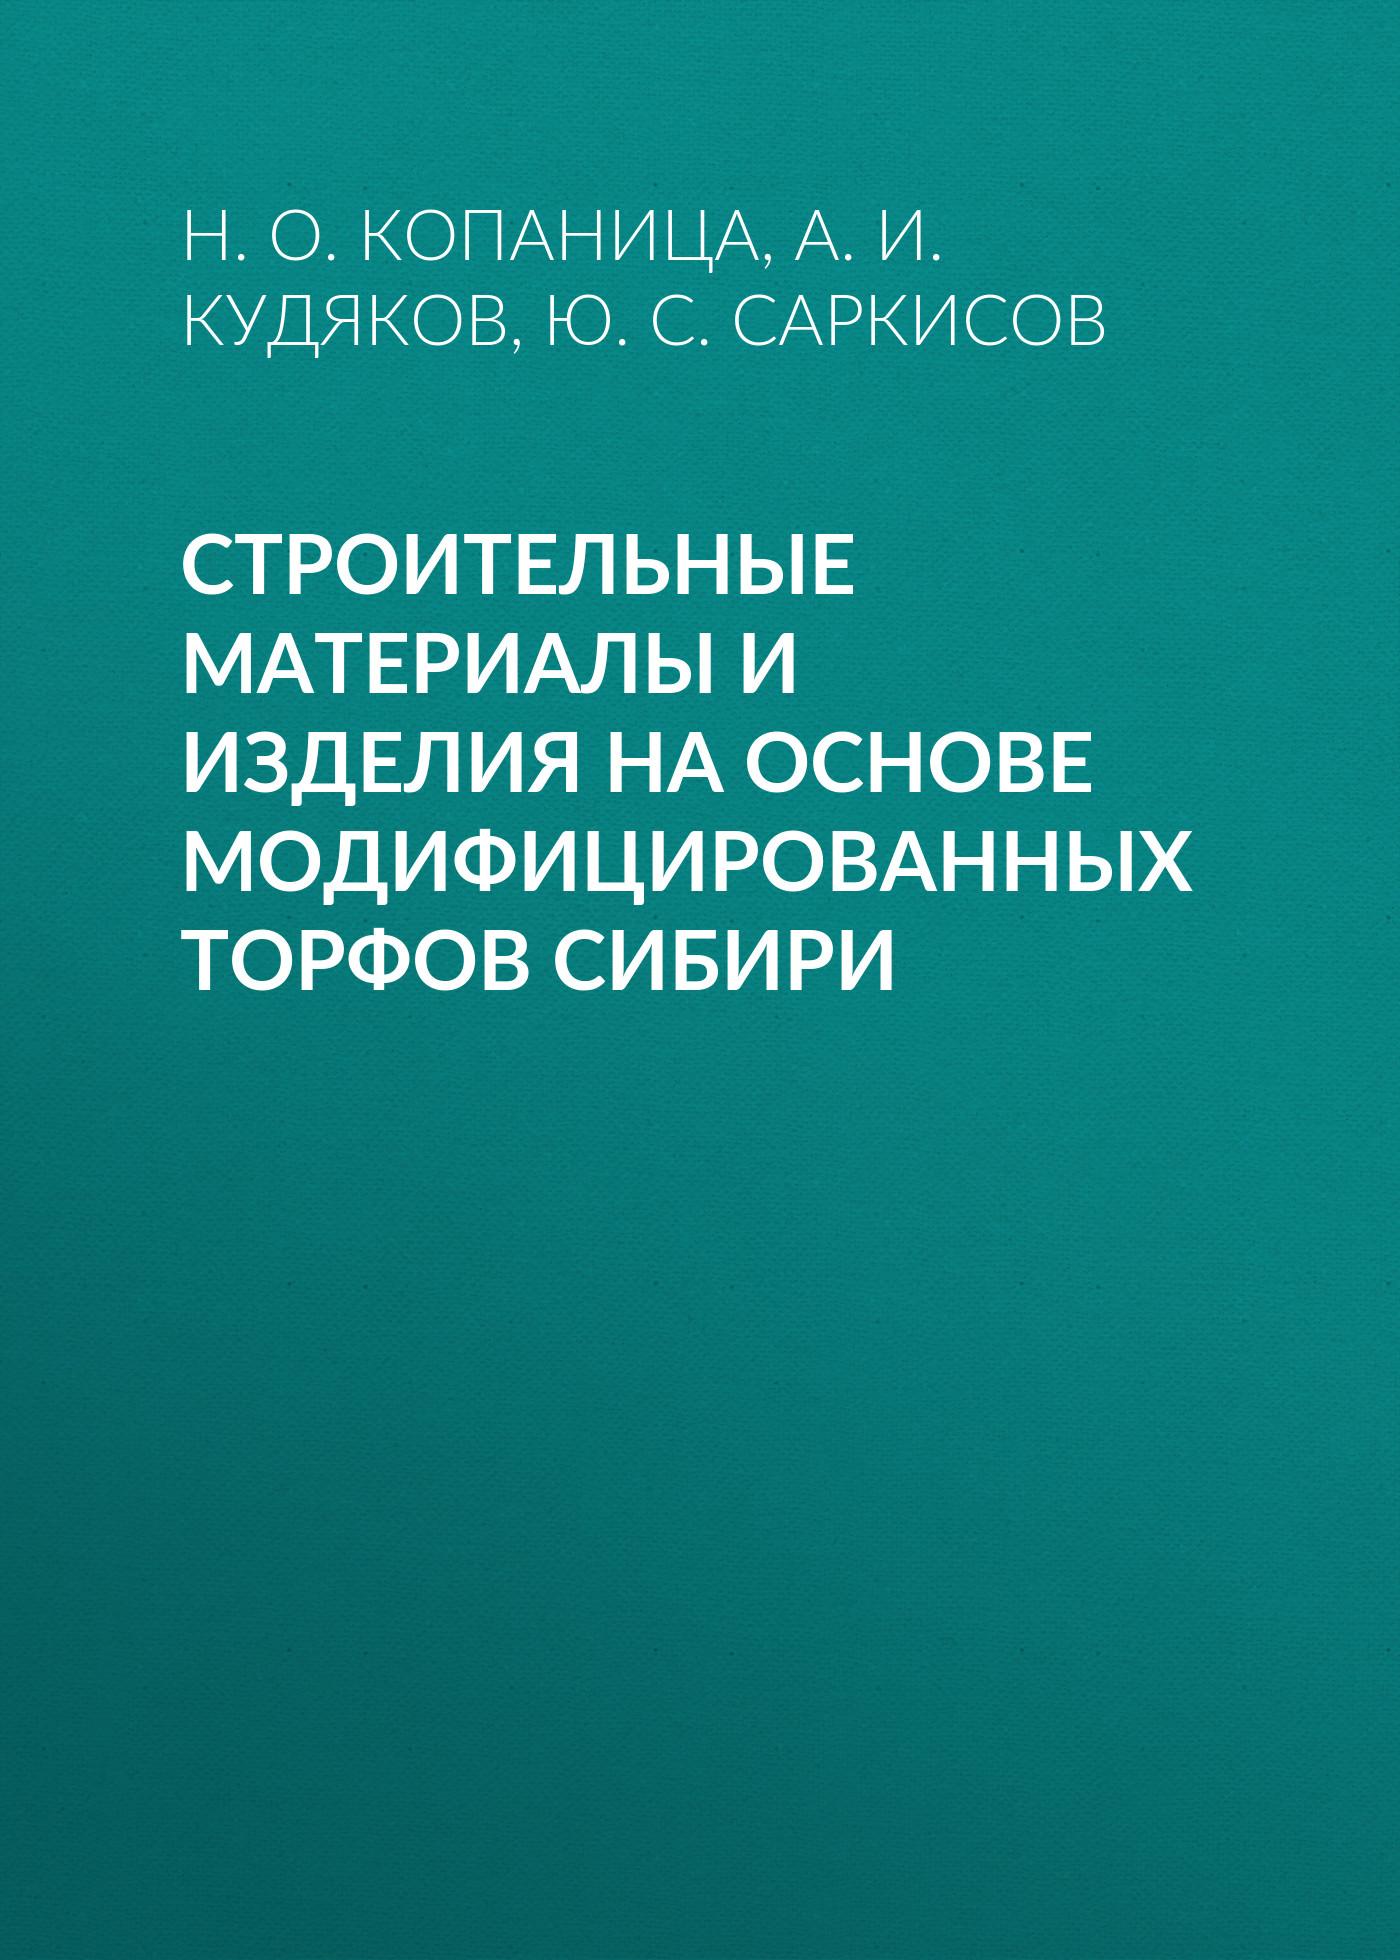 Ю. С. Саркисов Строительные материалы и изделия на основе модифицированных торфов Сибири